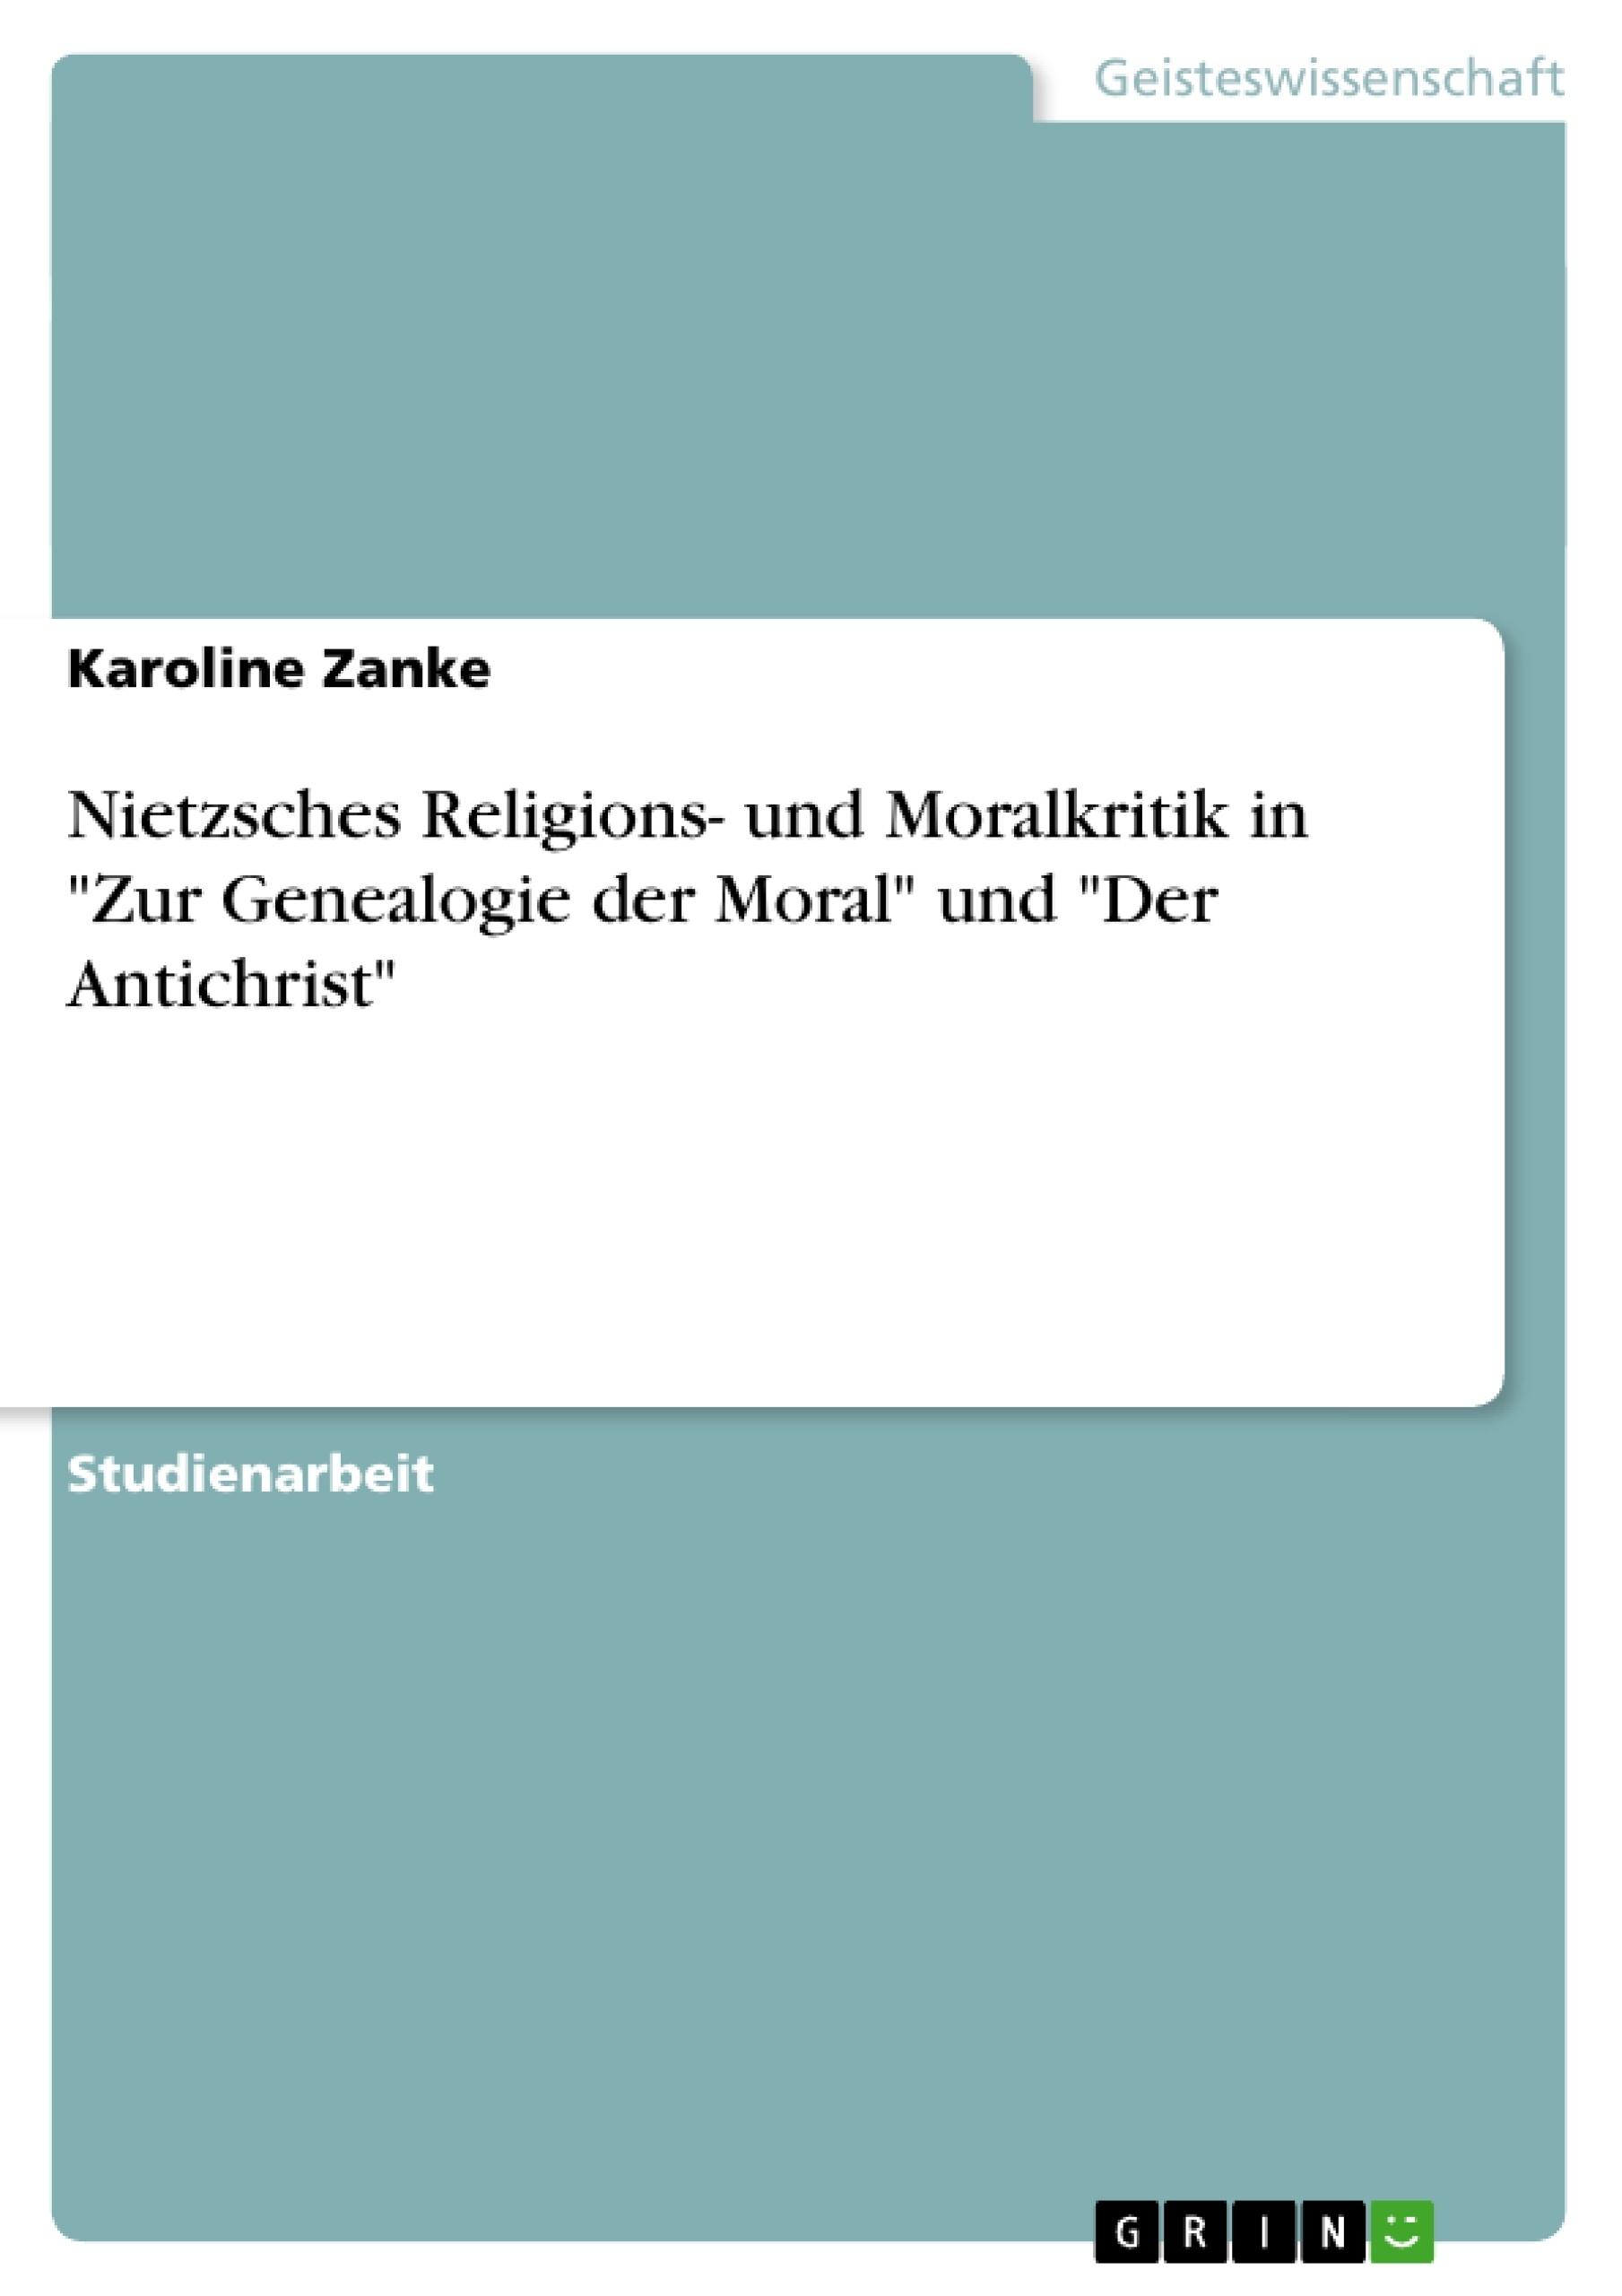 """Titel: Nietzsches Religions- und Moralkritik in """"Zur Genealogie der Moral"""" und """"Der Antichrist"""""""